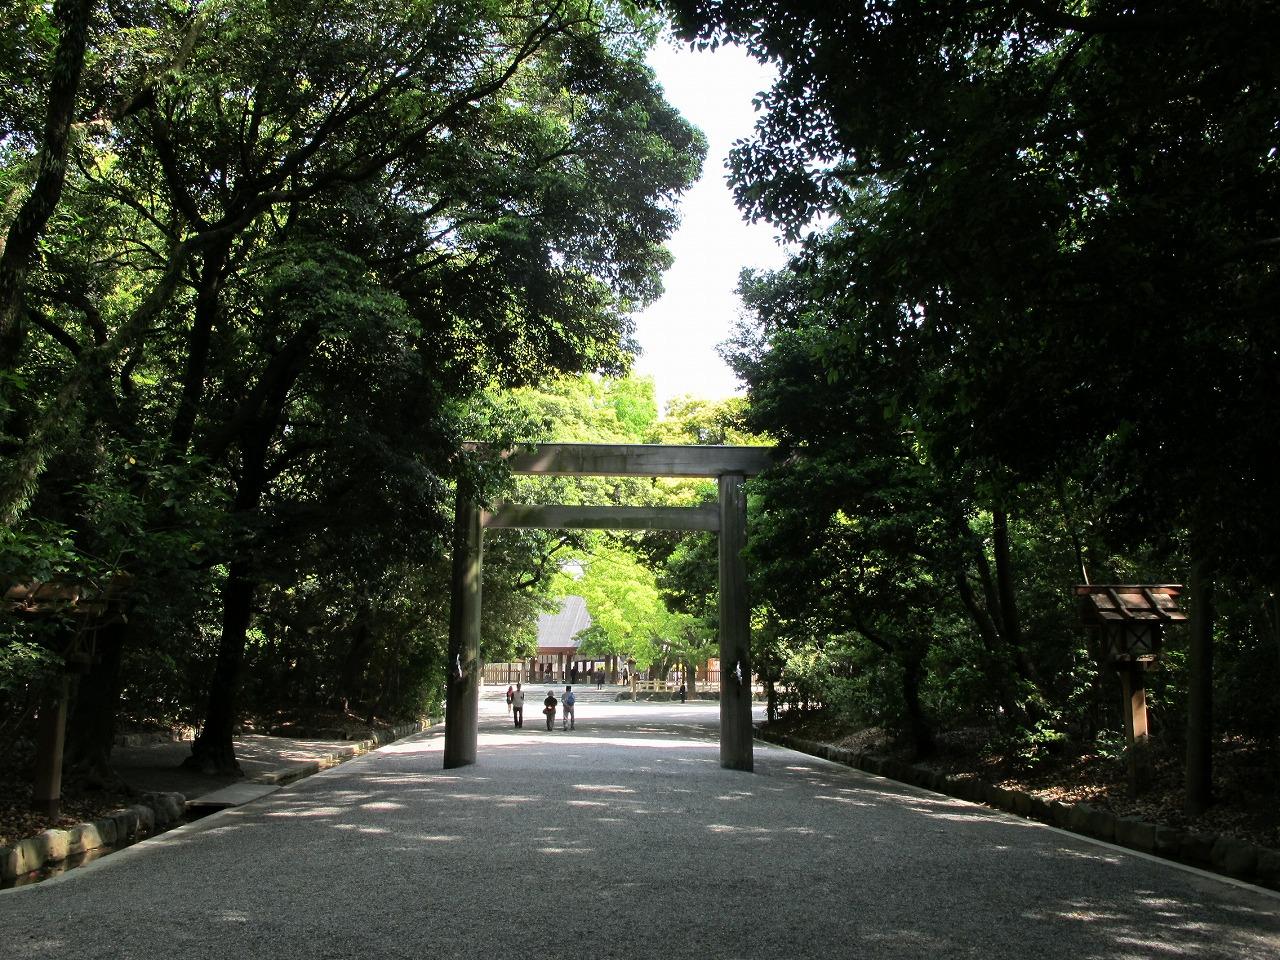 【名古屋】パワースポット熱田神宮のご利益で恋愛ハッピーパワーと美肌をゲット!